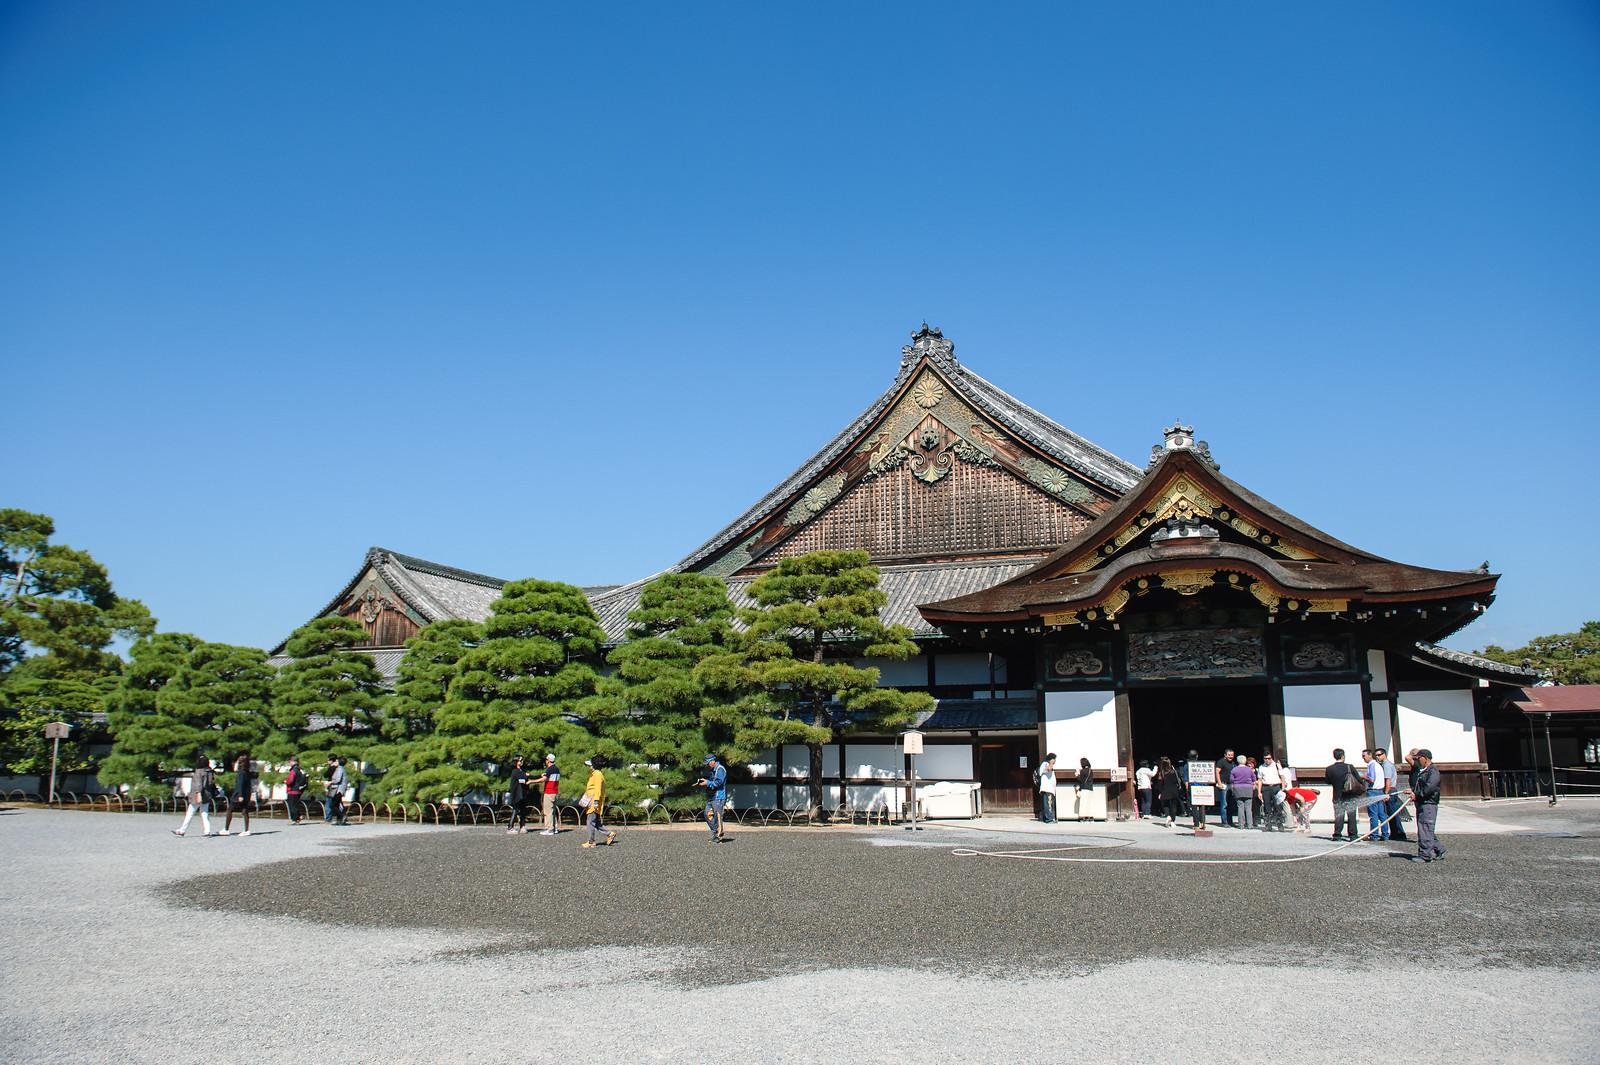 2015VQ@Kyoto-93